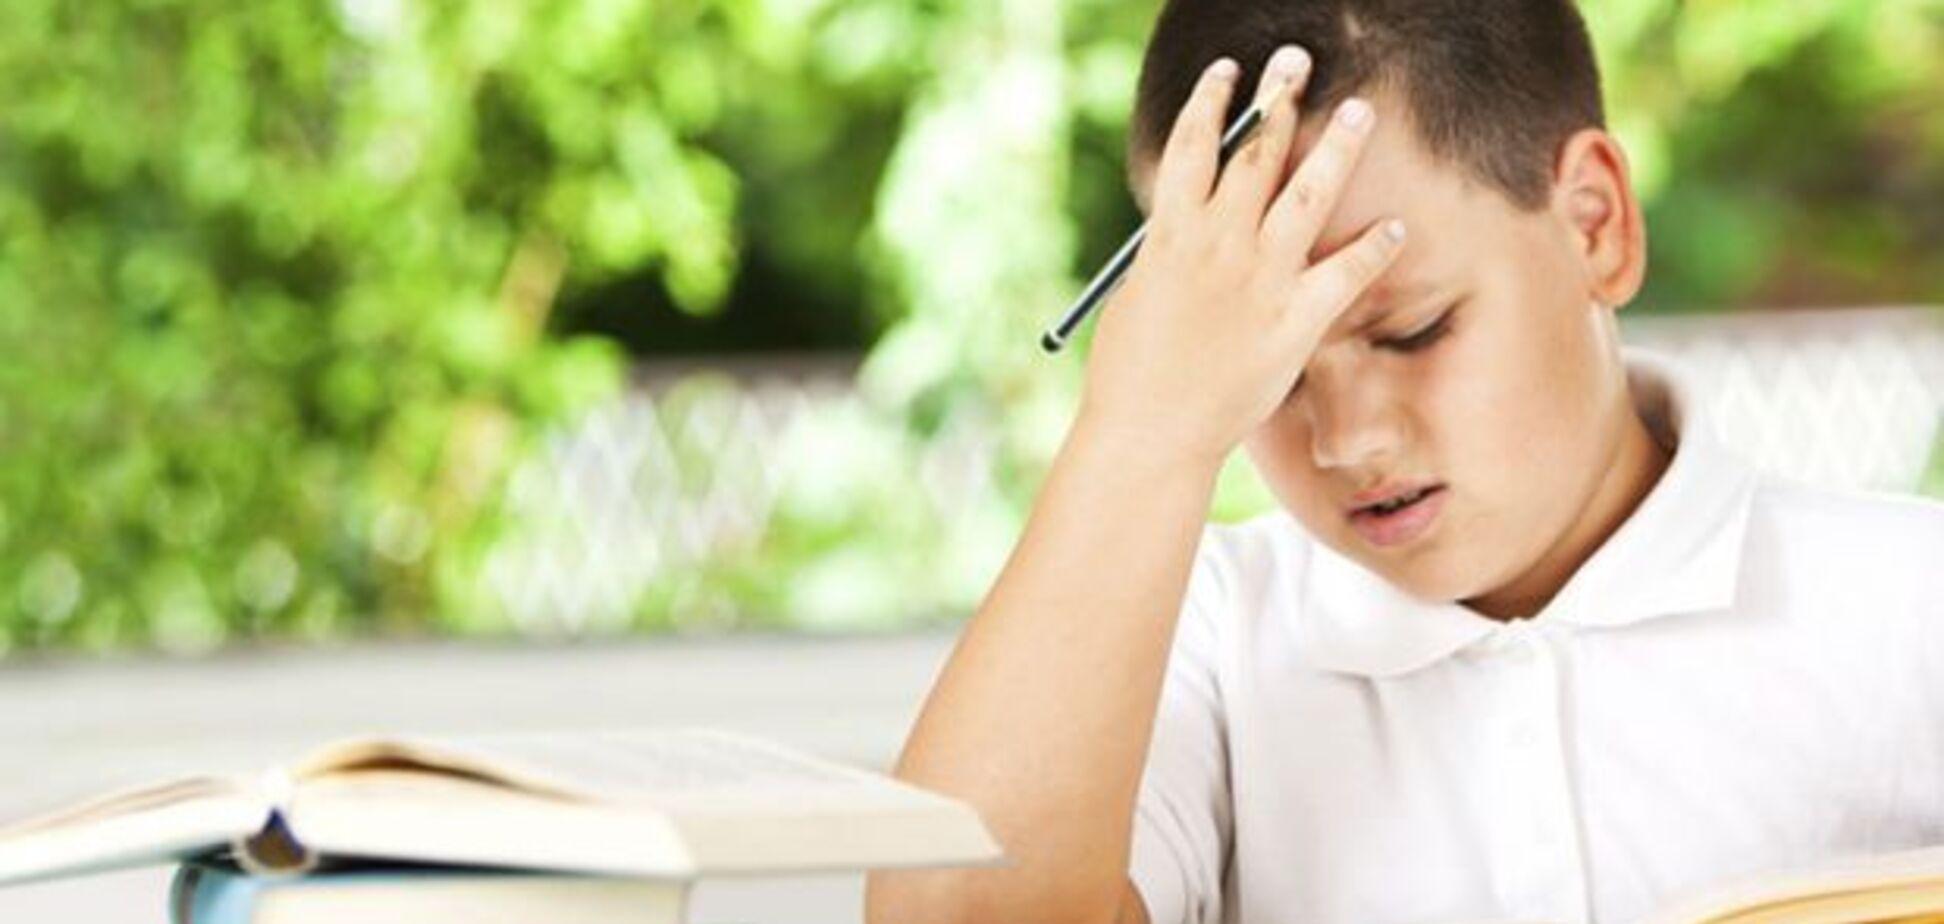 Першокласник погано читає і йому нудно: як зацікавити дитину